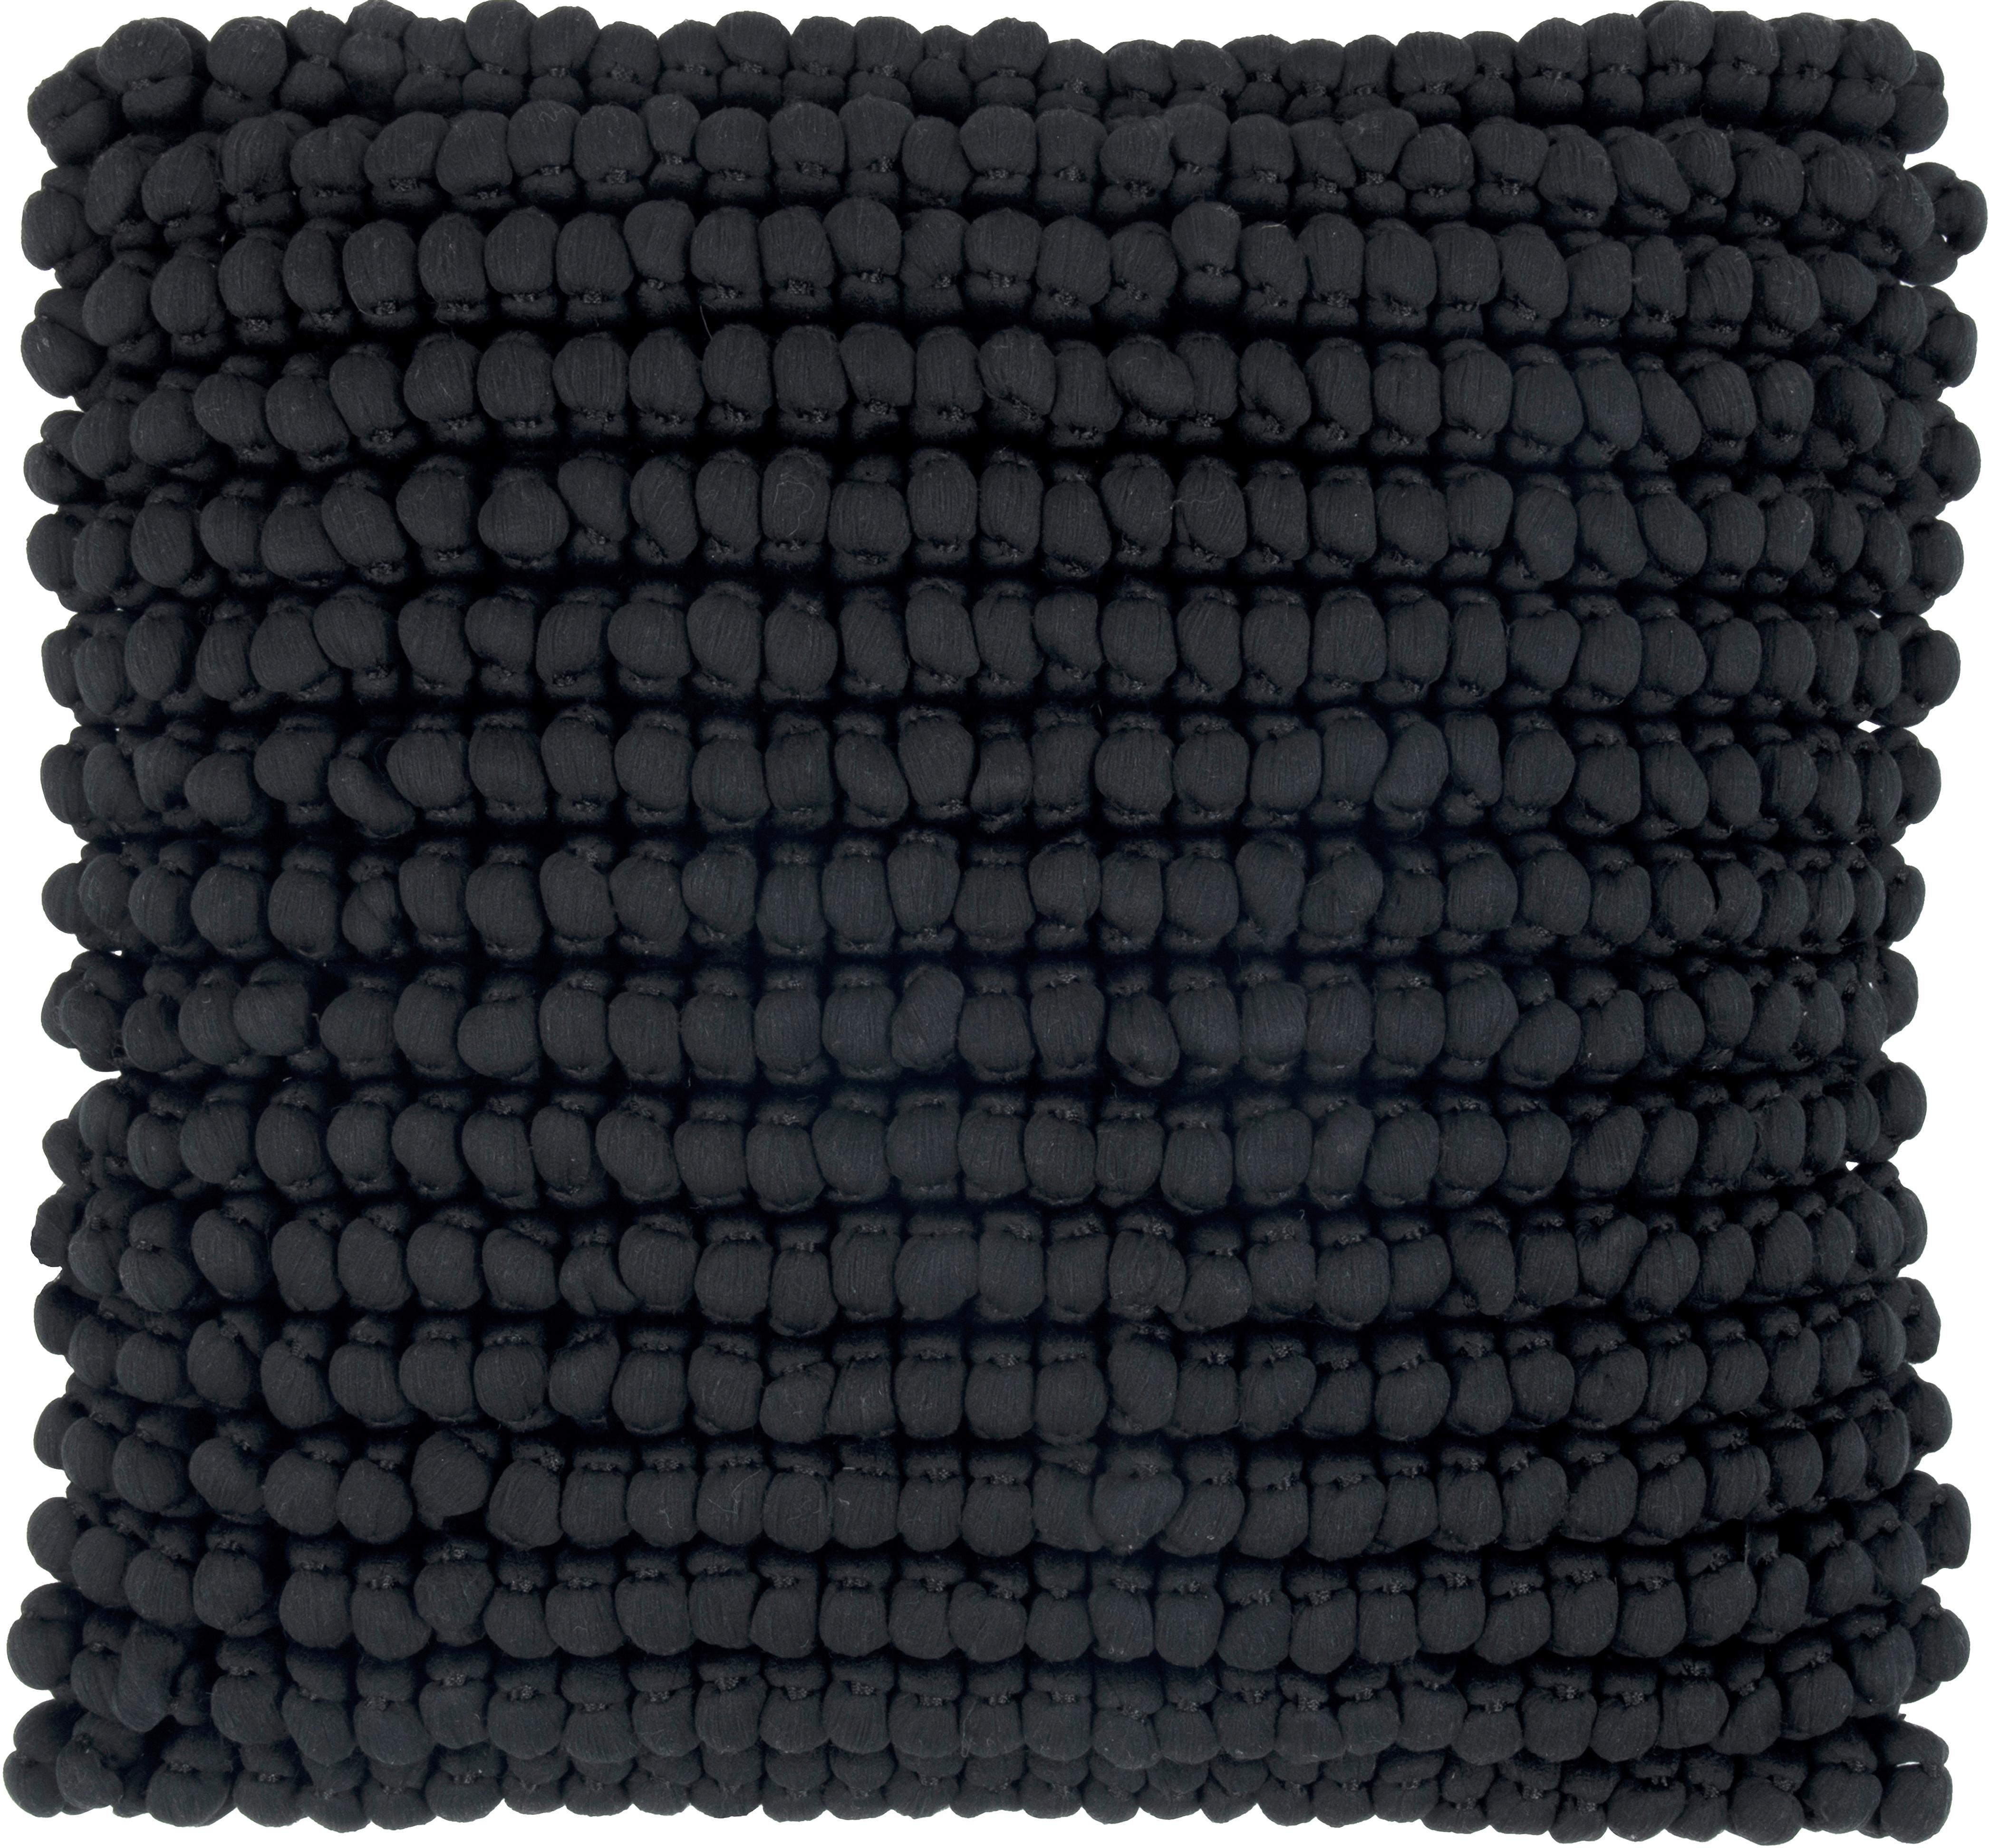 Kissenhülle Iona mit kleinen Stoffkugeln in Schwarz, Vorderseite: 70% Polyester, 30% Baumwo, Rückseite: Baumwolle, Schwarz, 45 x 45 cm